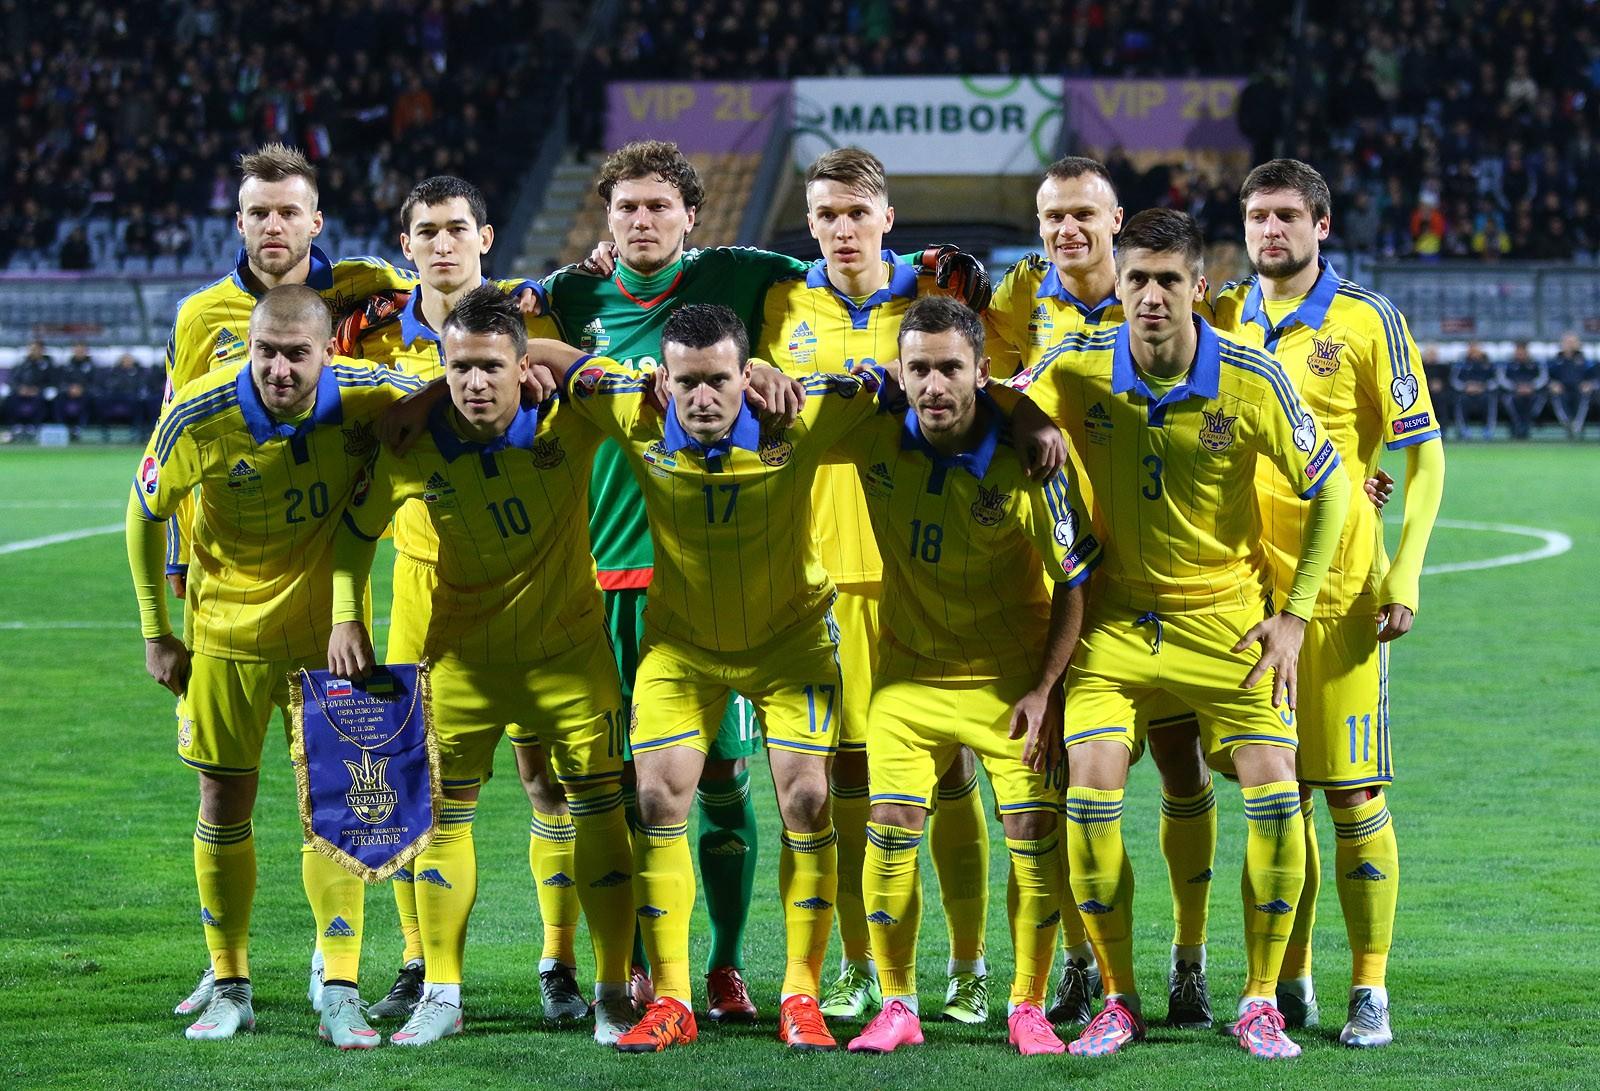 Евро 2016: кто победитель? Прогноз букмекера - изображение 1